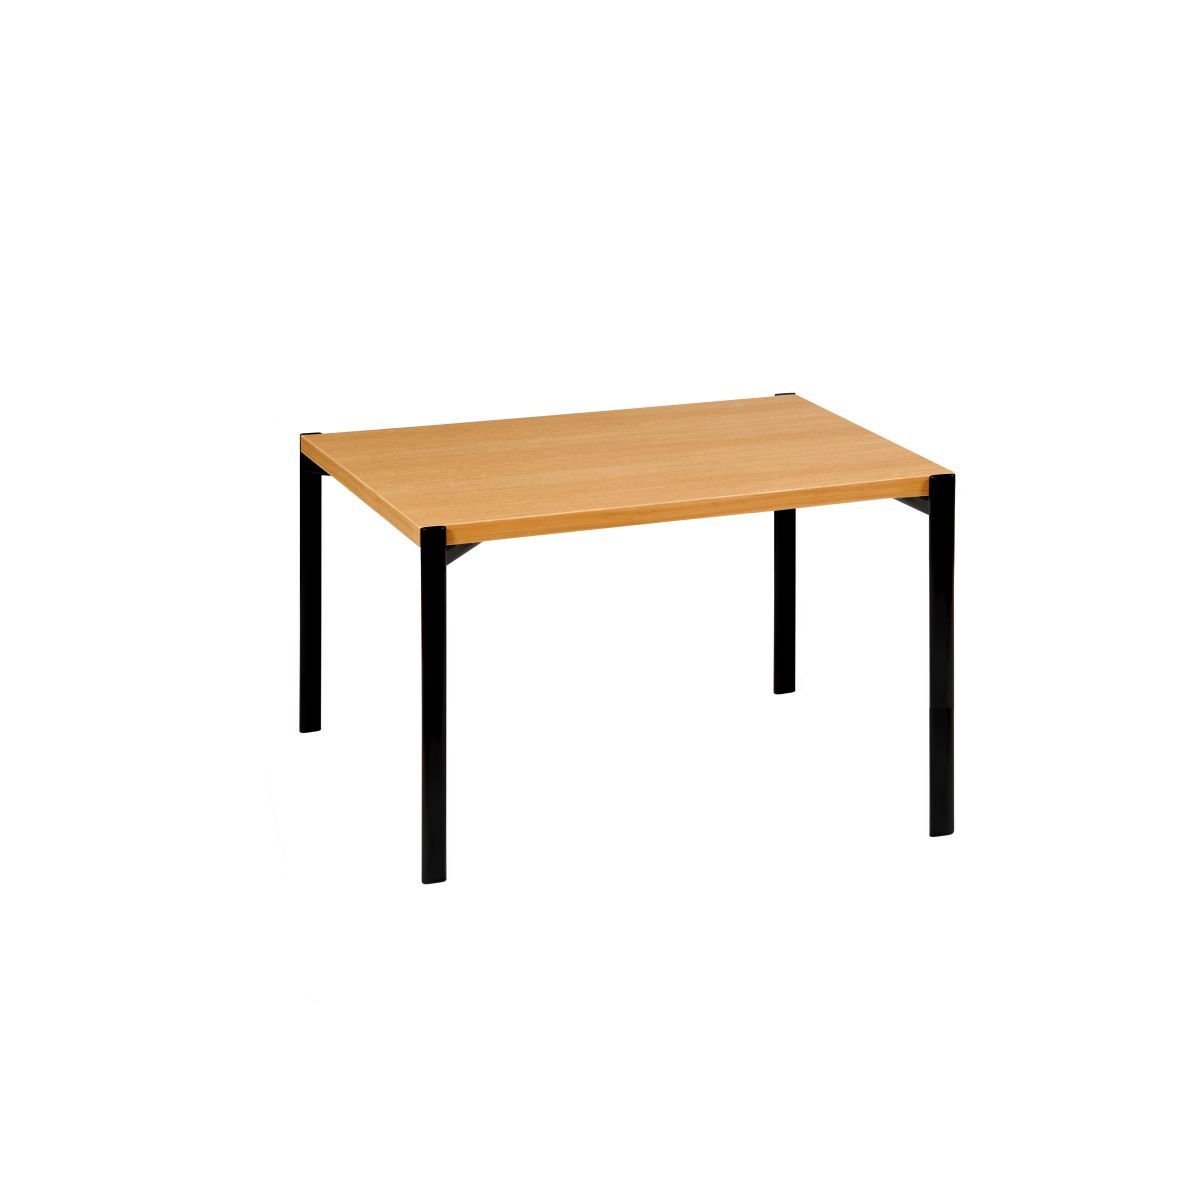 Kiki_Low_Table_oak_veneer_60-2650995